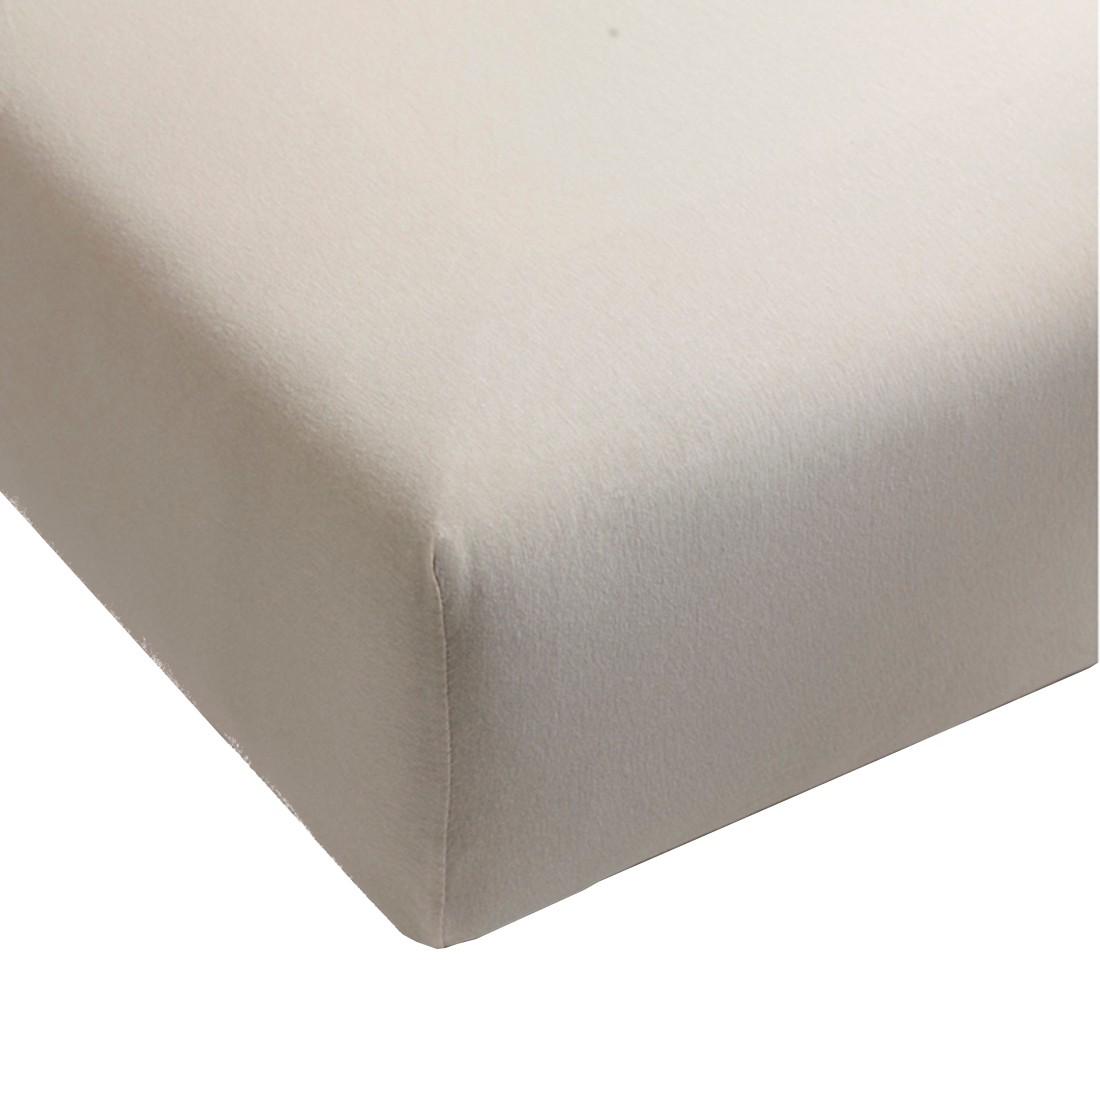 Spannbettlaken Jersey – Sand – Baumwolle – Abmessungen 200x90x35cm, BH jetzt kaufen